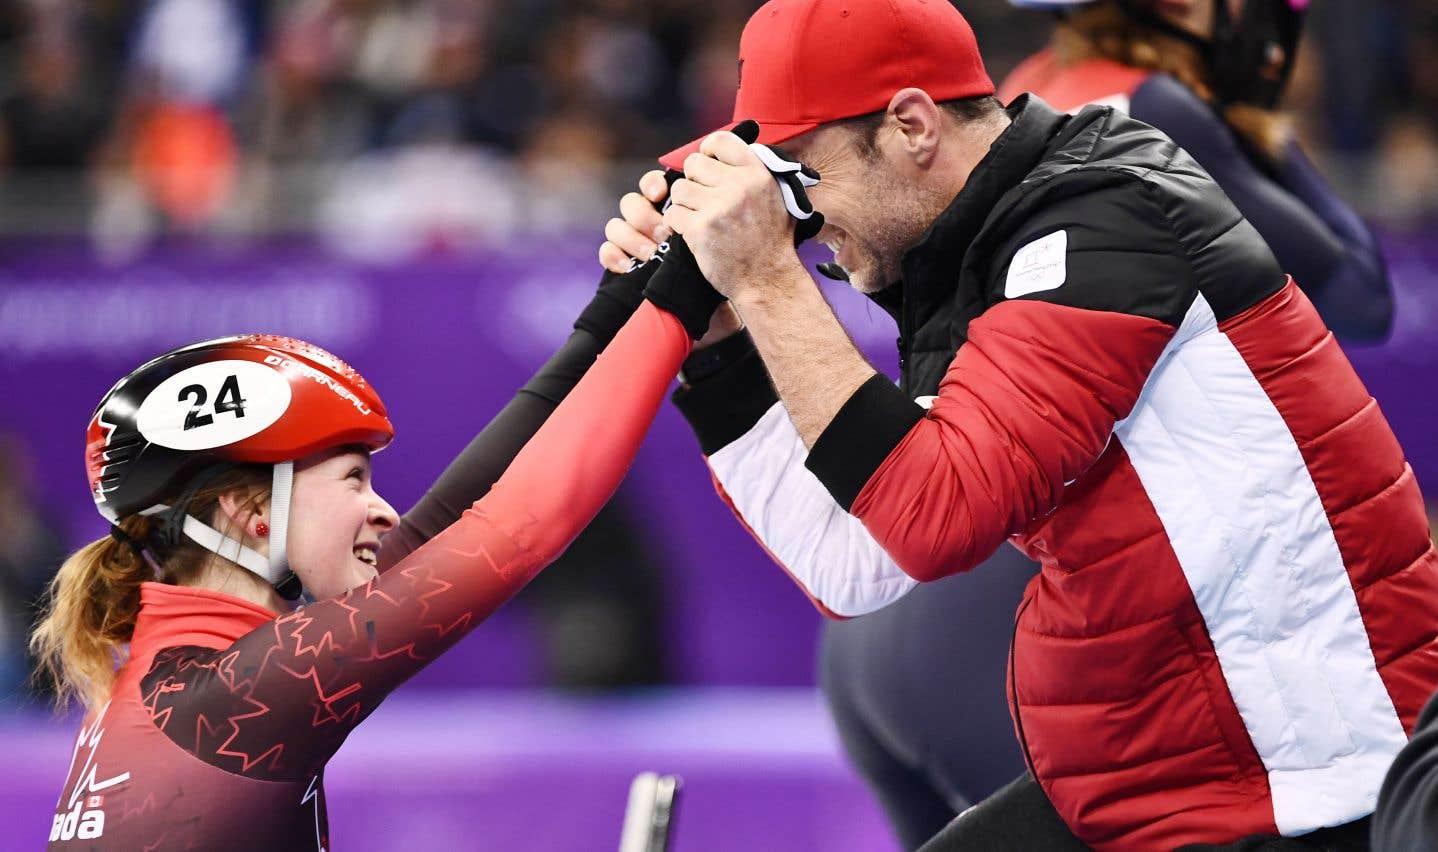 La patineuse Kim Boutin a sauté dans les bras de son entraîneur Frédéric Blackburn après avoir décroché sa troisième médaille olympique, jeudi.